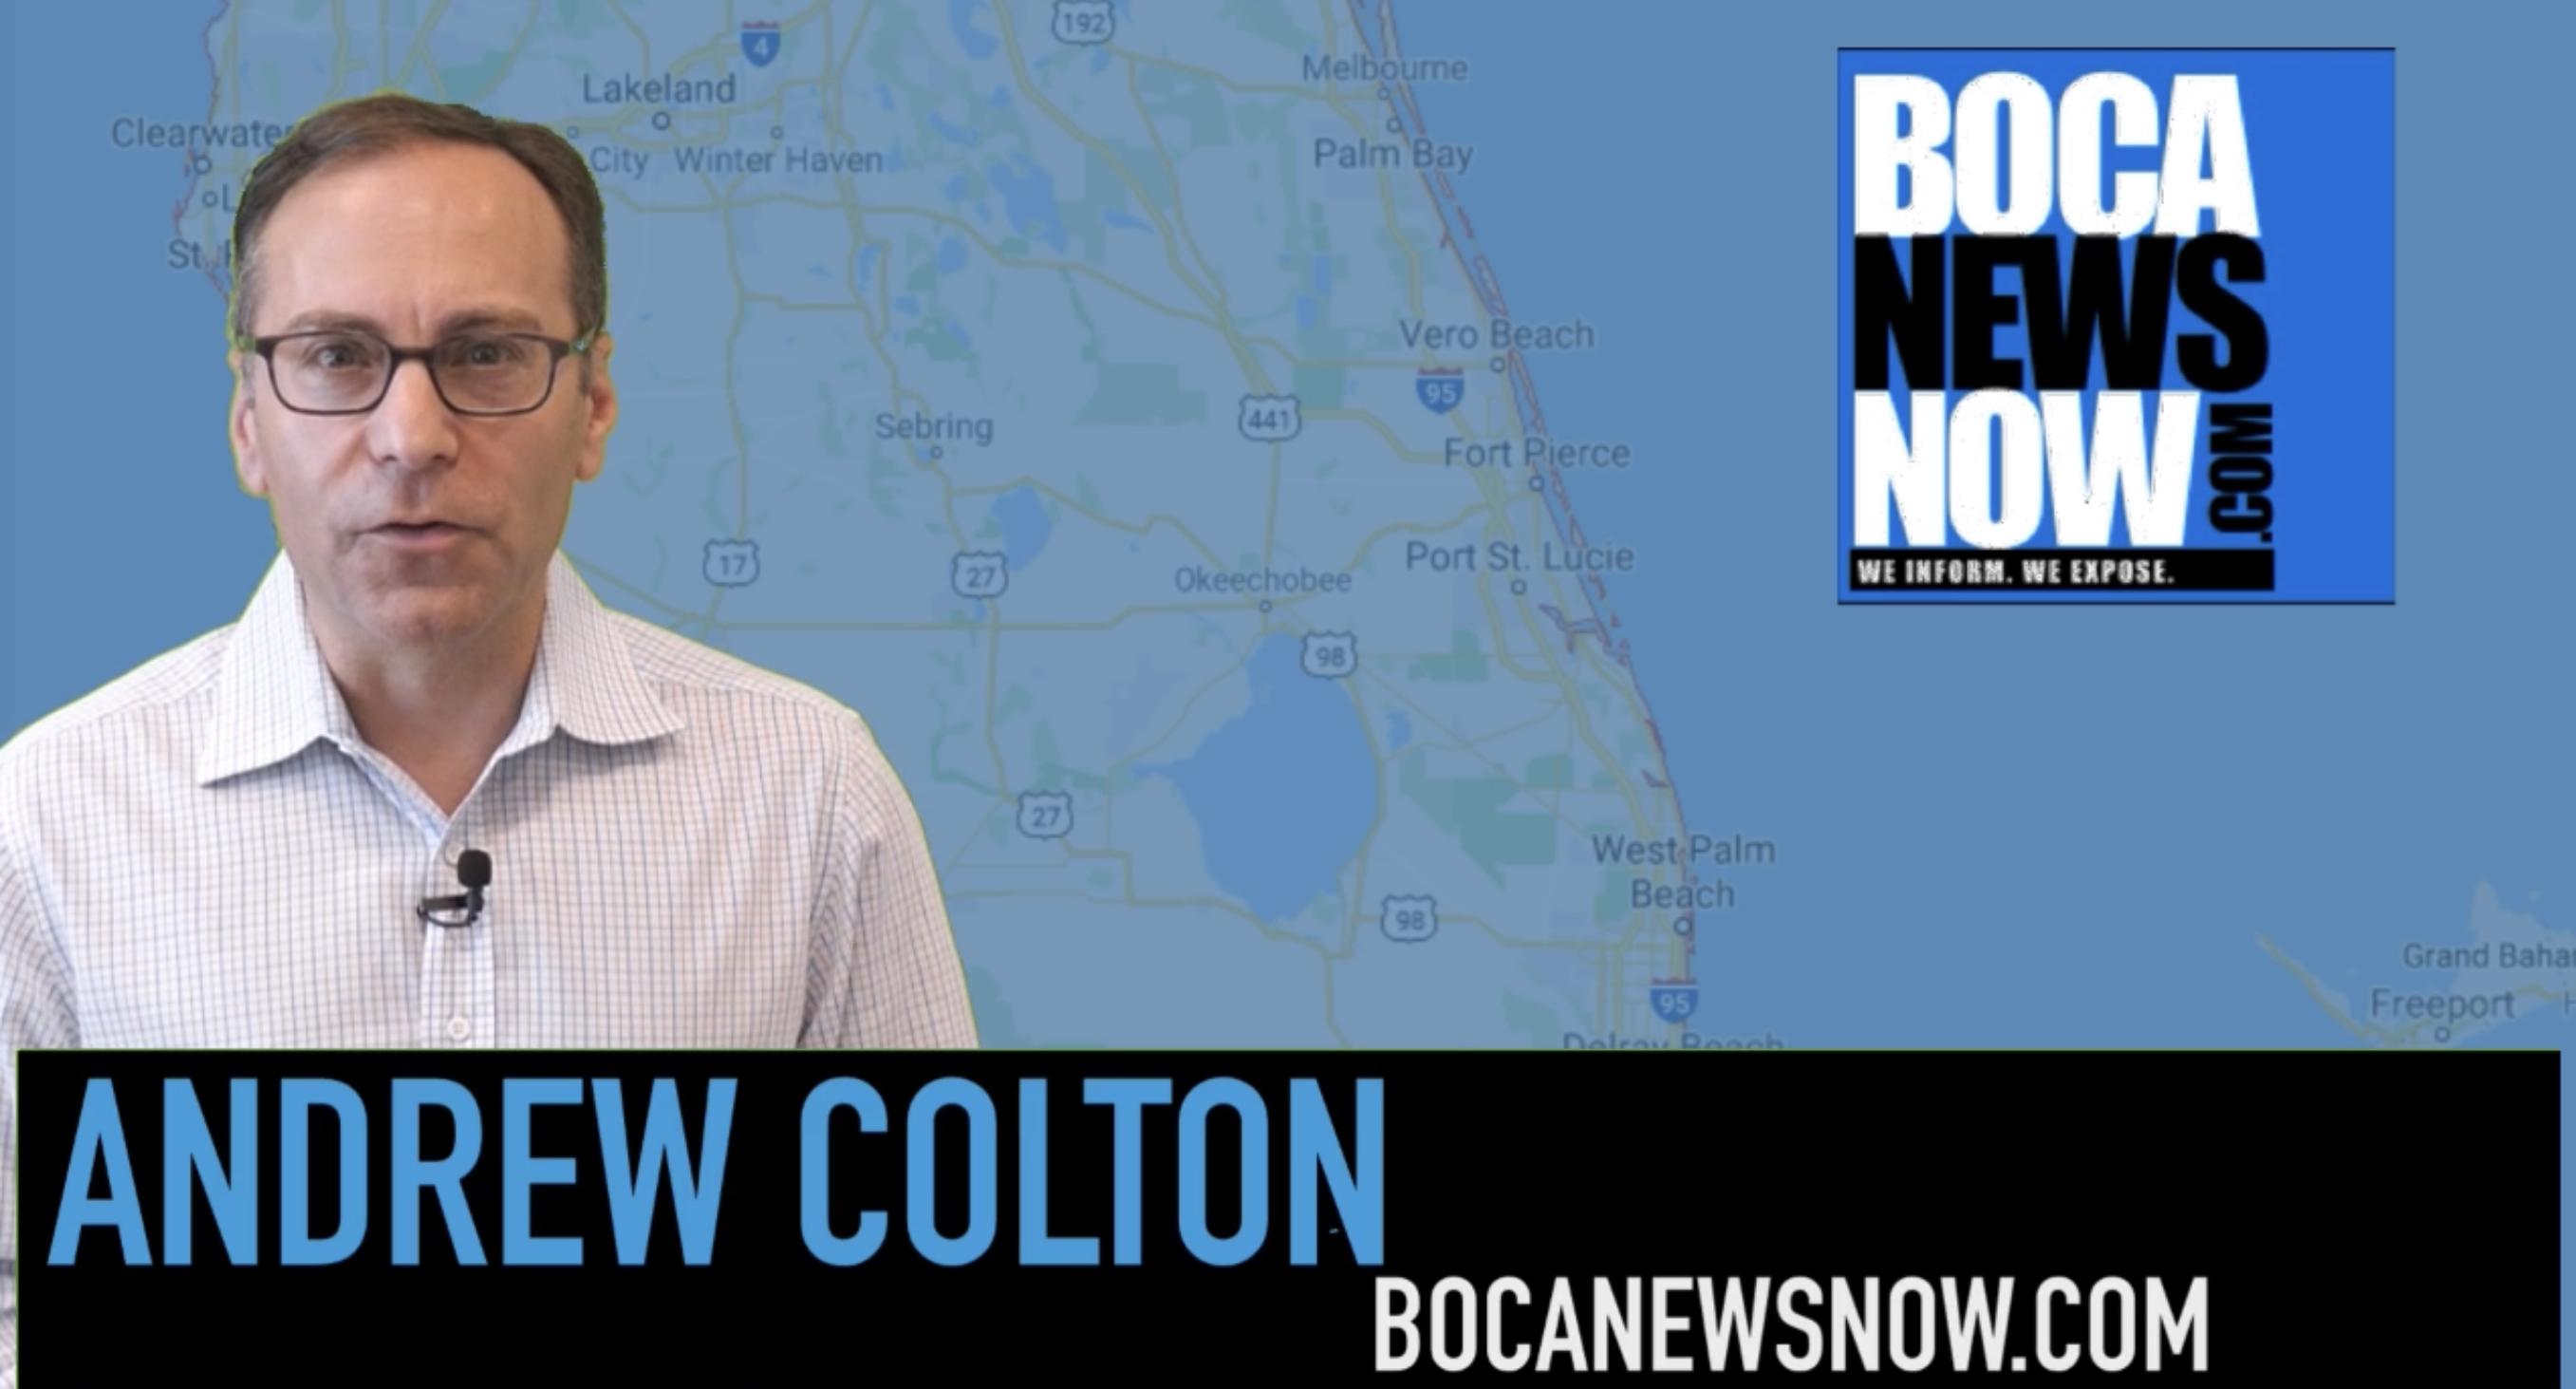 boca news now tv